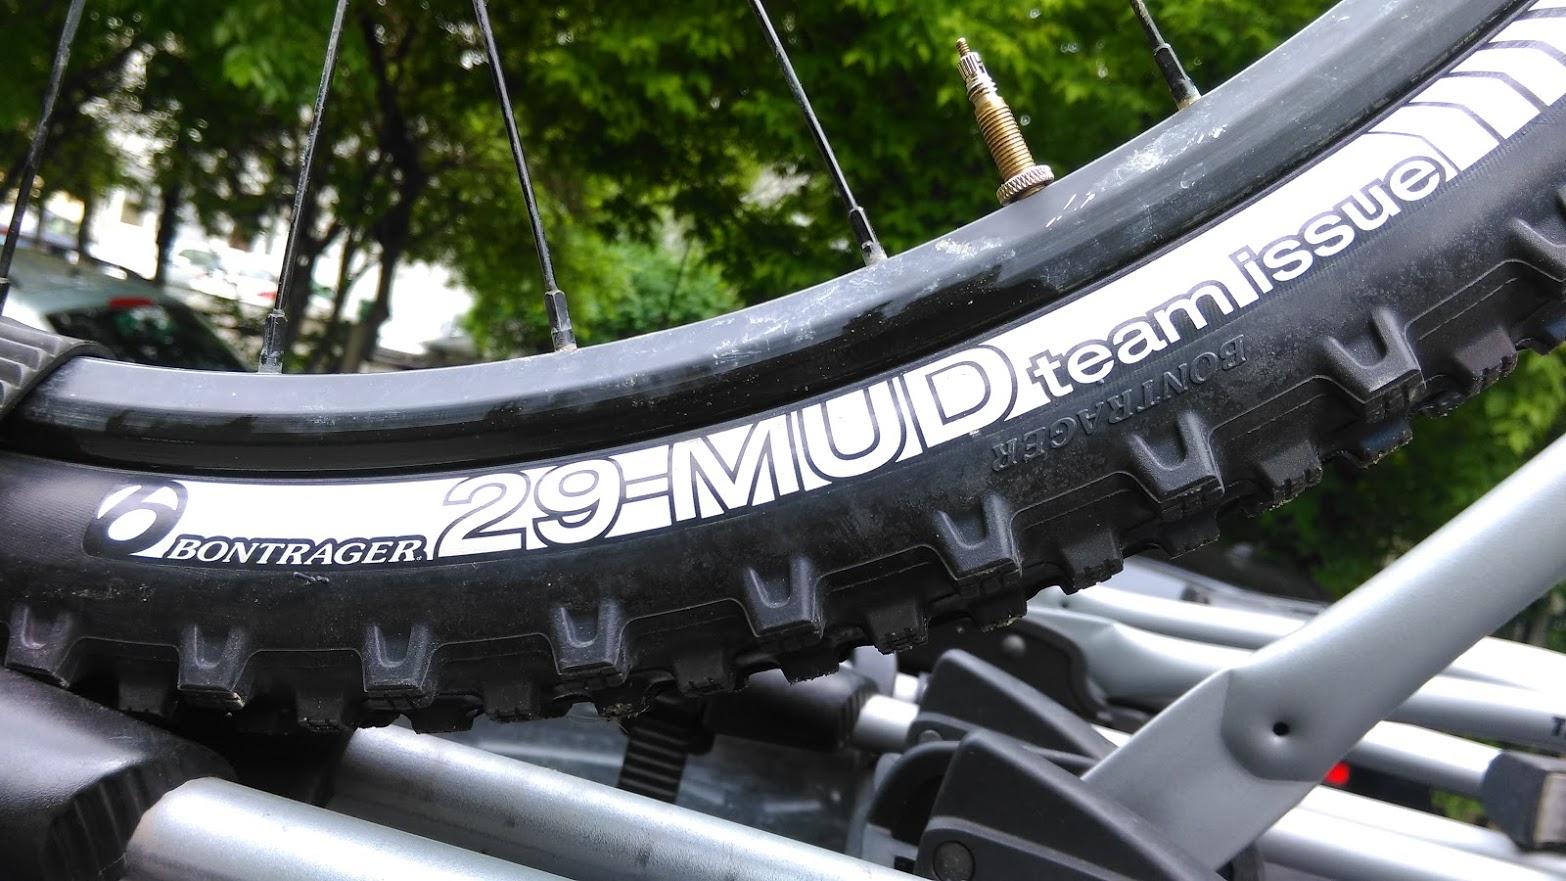 Cauciucuri bicicleta pentru noroi Bontrager 29-MUD